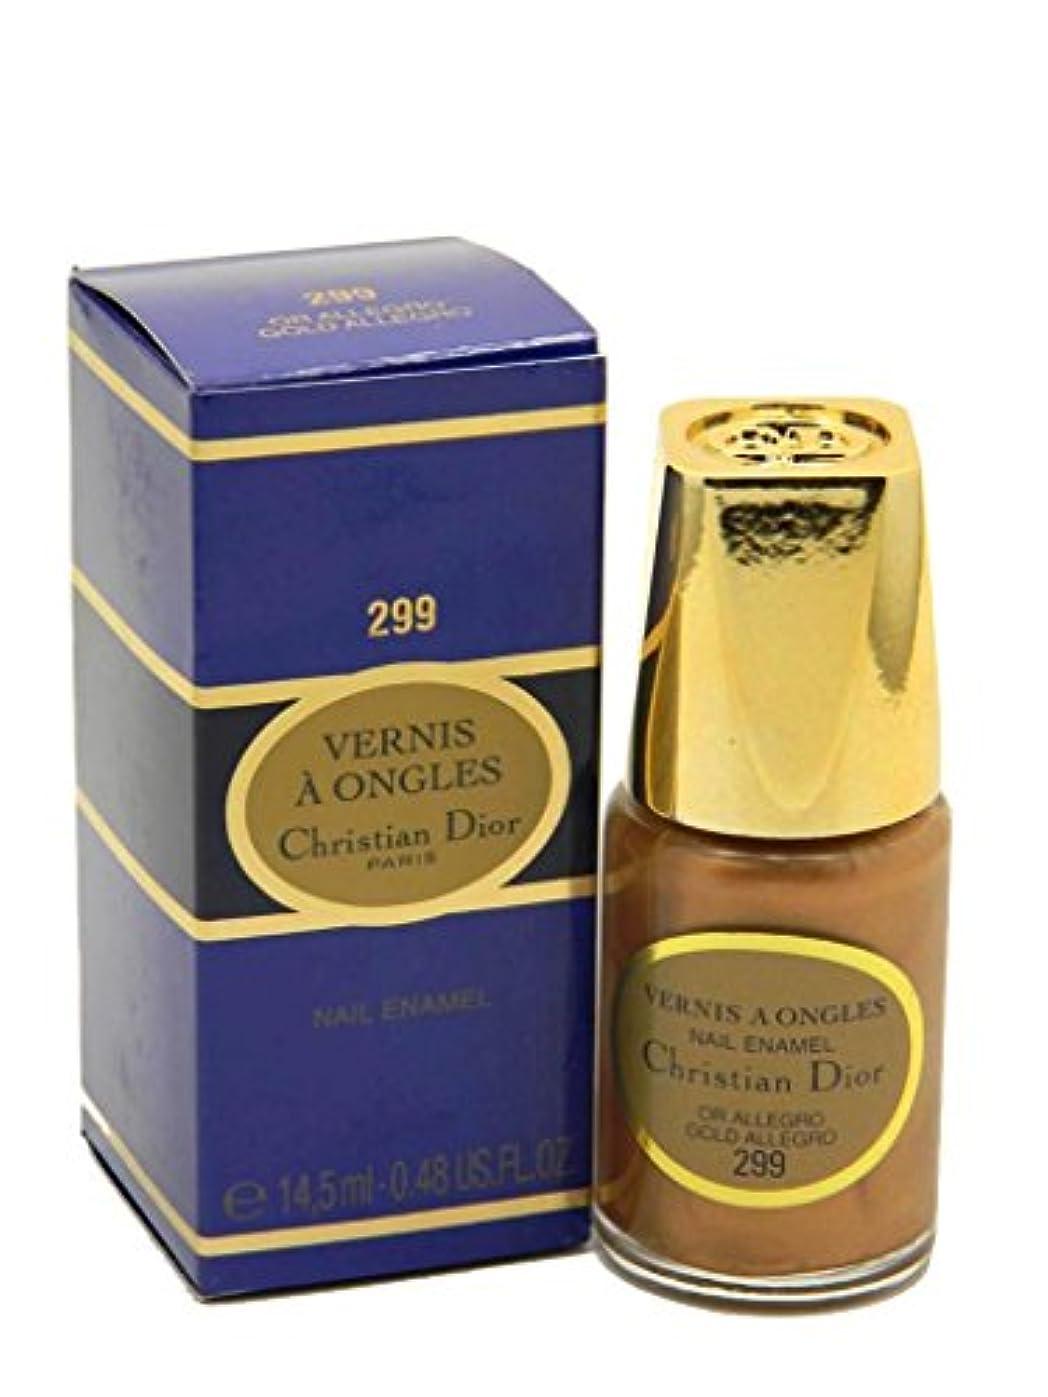 プレビュー協力的後世Dior Vernis A Ongles Nail Enamel Polish 299 Gold Allegro(ディオール ヴェルニ ア オングル ネイルエナメル ポリッシュ 299 ゴールドアレグロ) [並行輸入品]